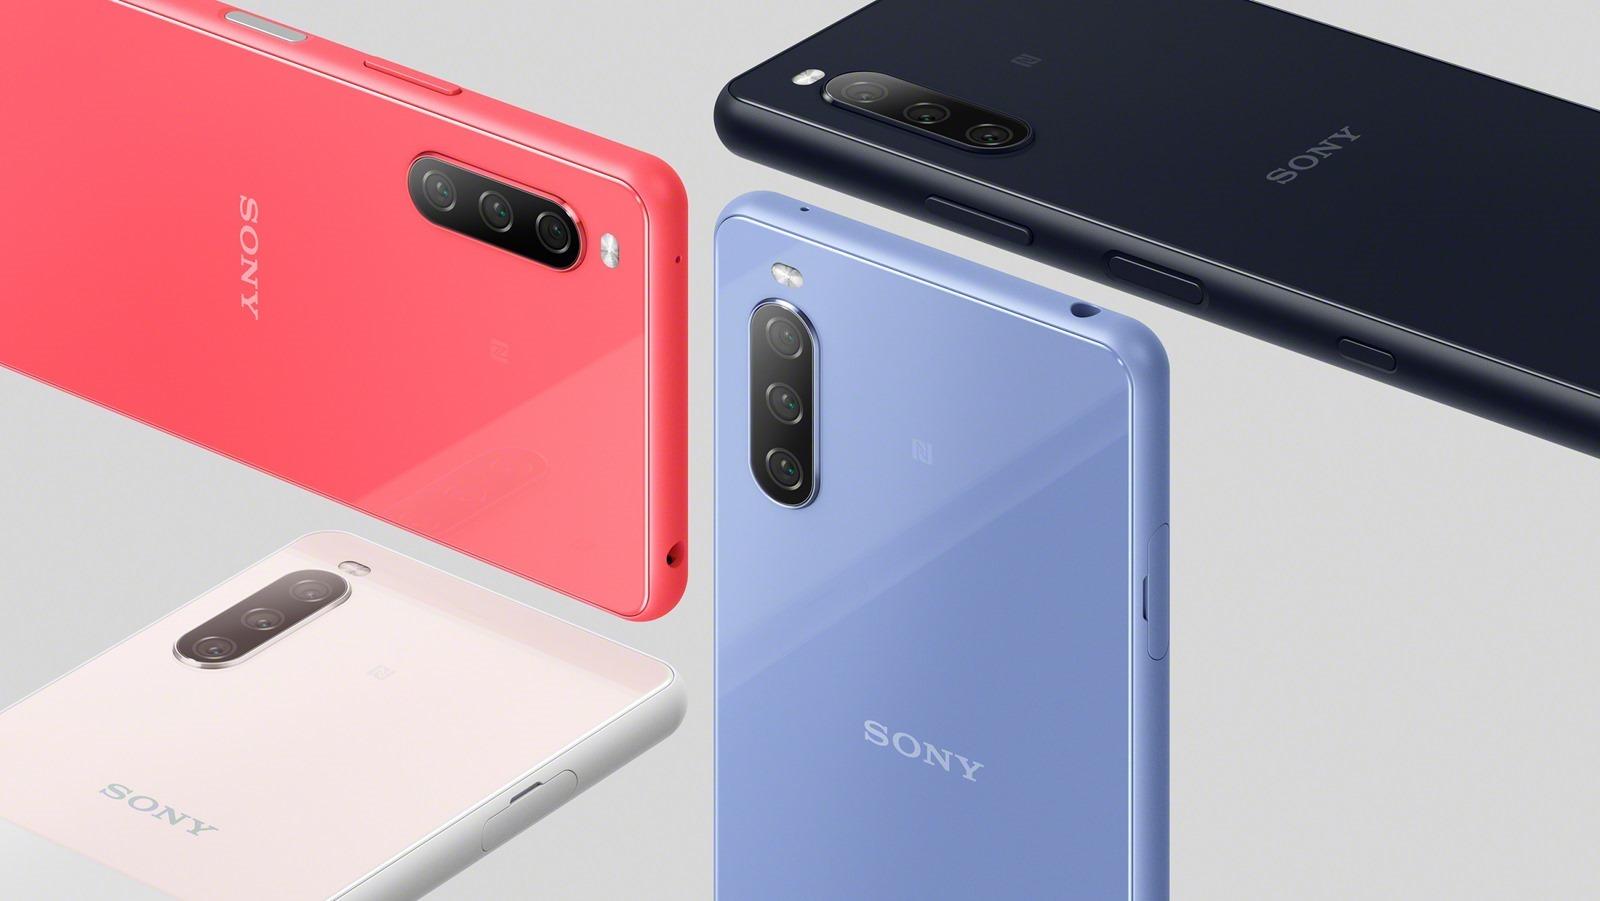 圖說、Xperia-10-III 共有水漾藍,水漾粉,水漾黑,水漾白等四款配色,預計將於 2021 年初夏於台灣市場推出_thumb.jpg @3C 達人廖阿輝